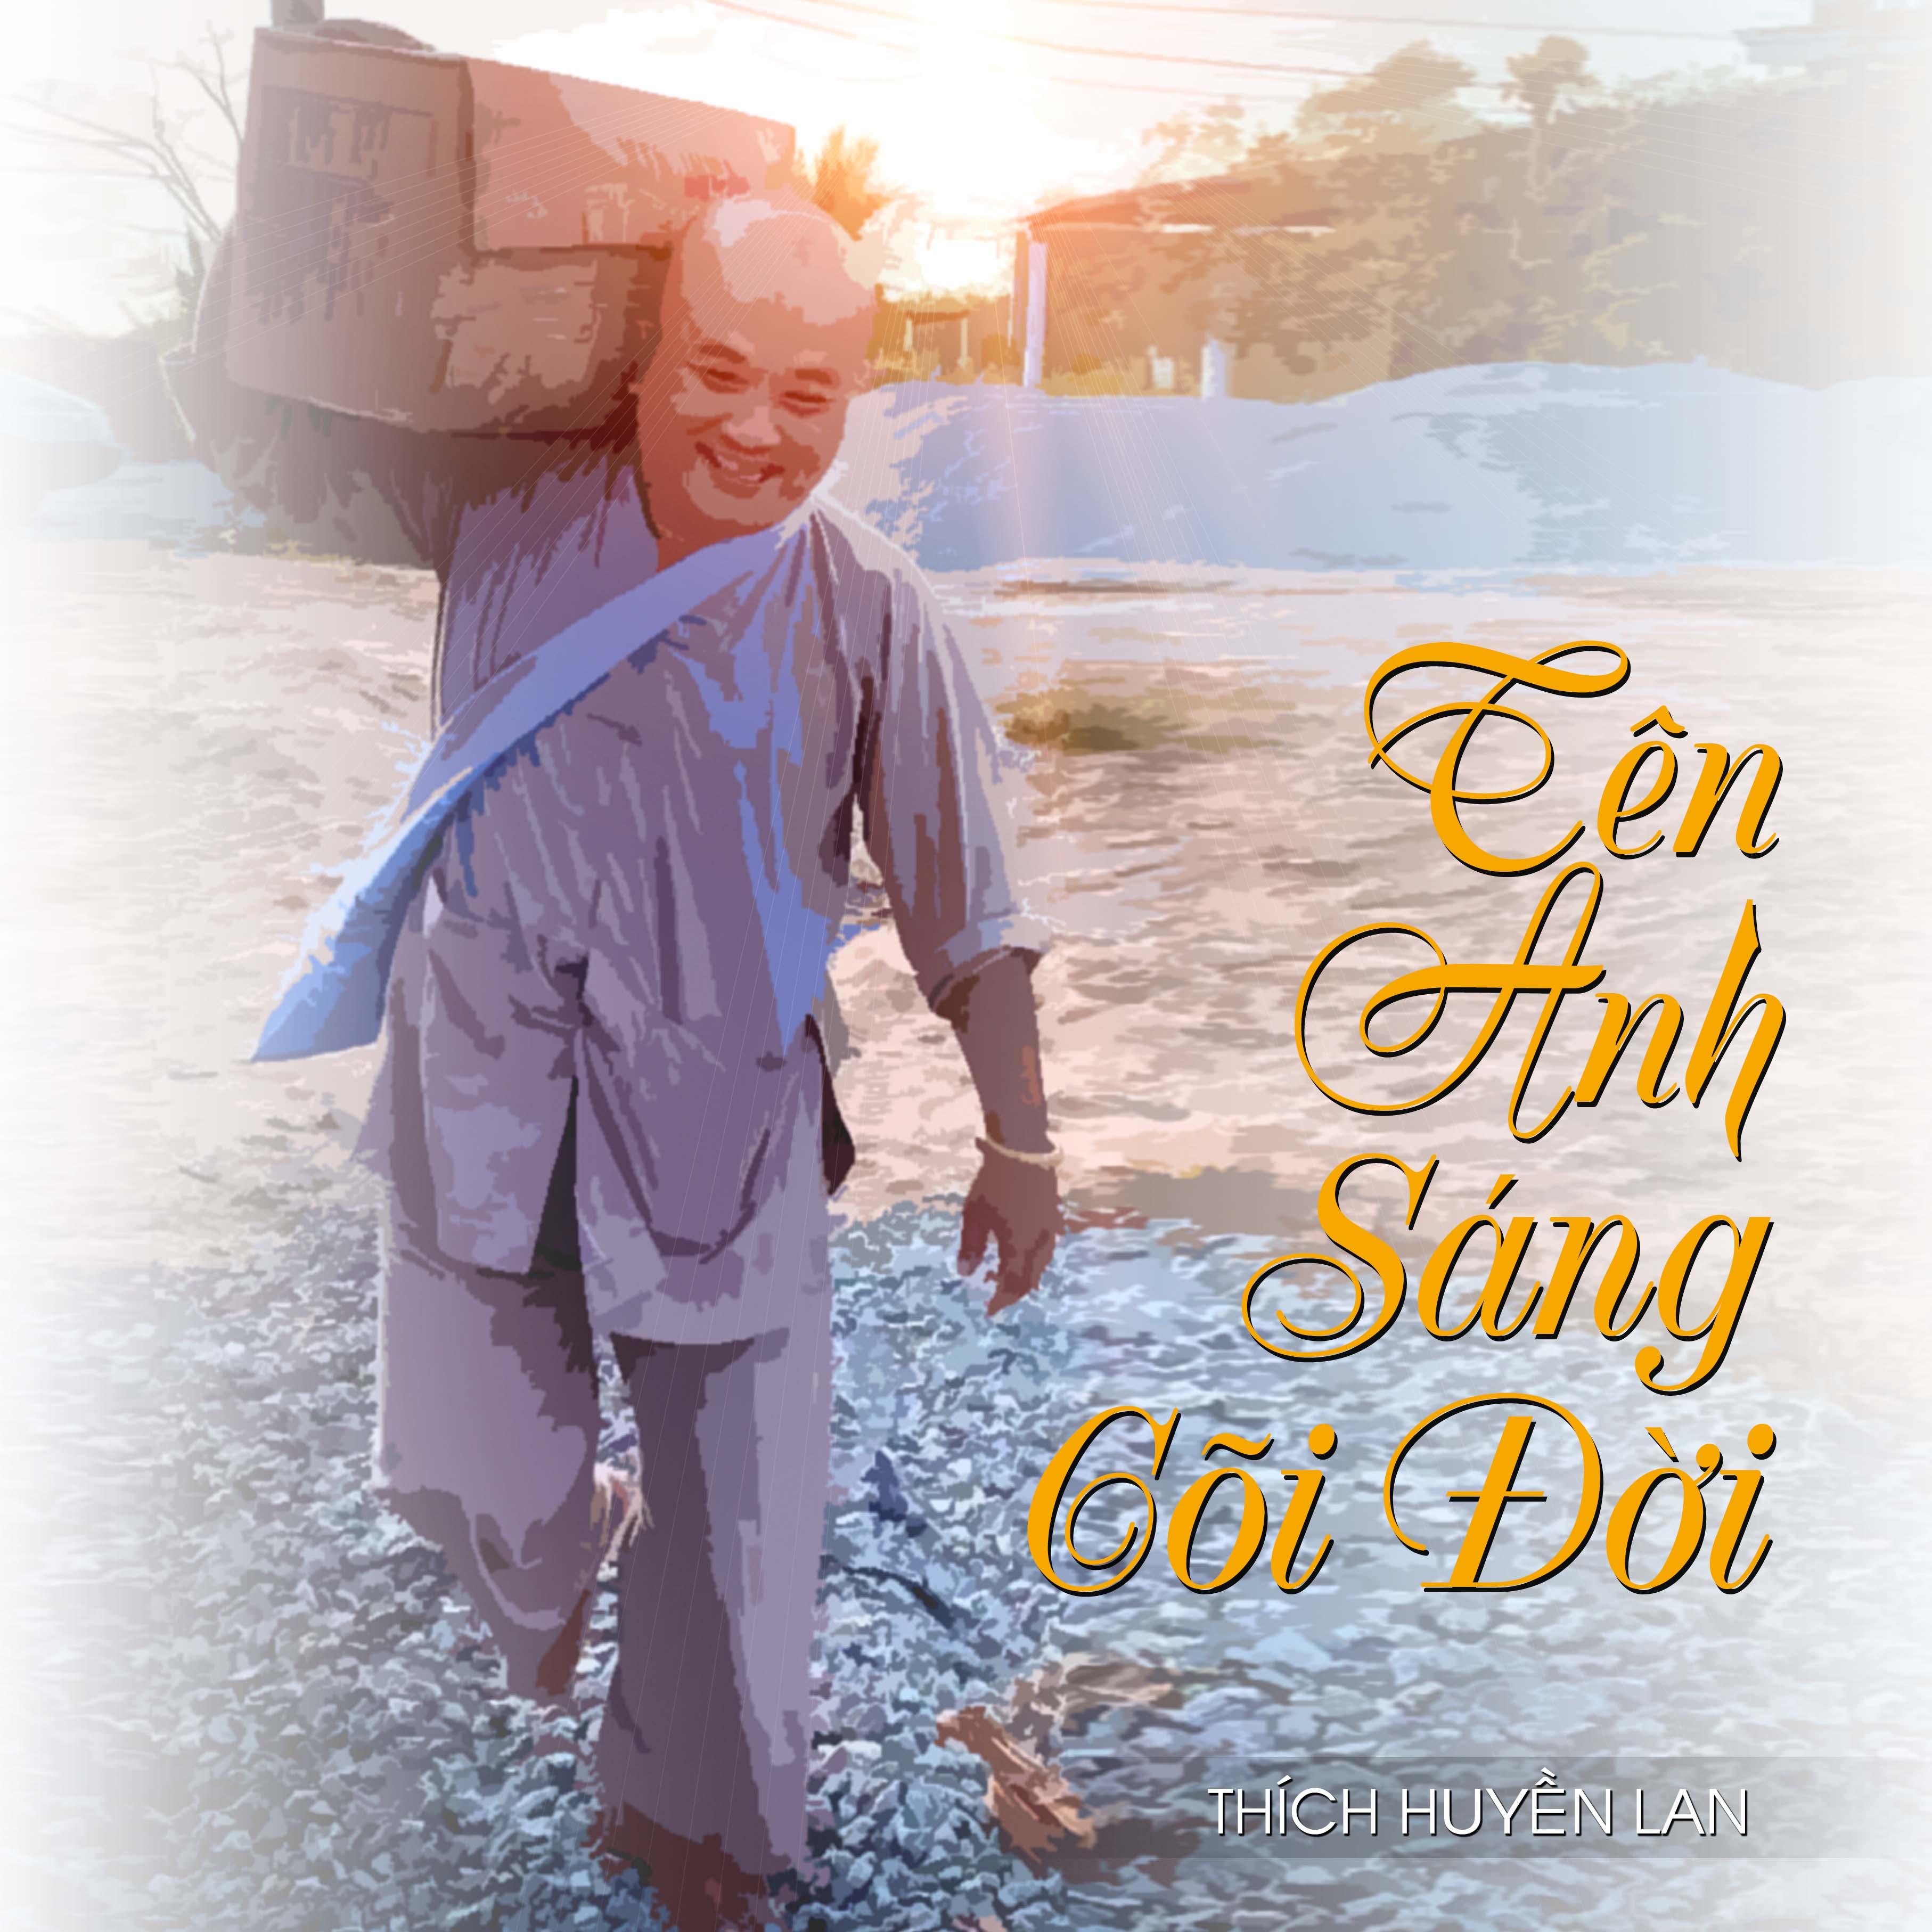 vu_quoc_cuong_ten_anh_sang_coi_doi.jpg